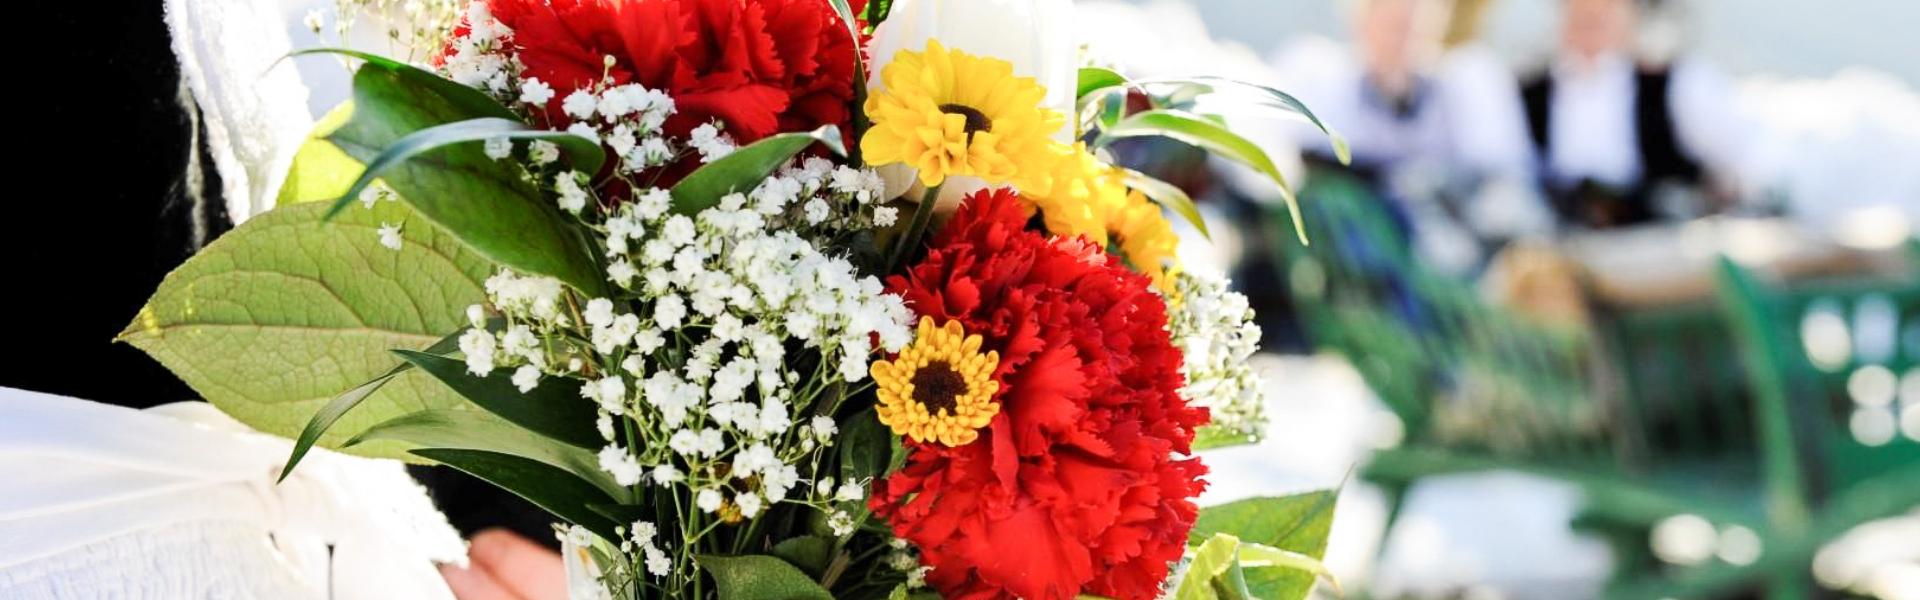 Blumenstrauß - Tradition in Kastelruth